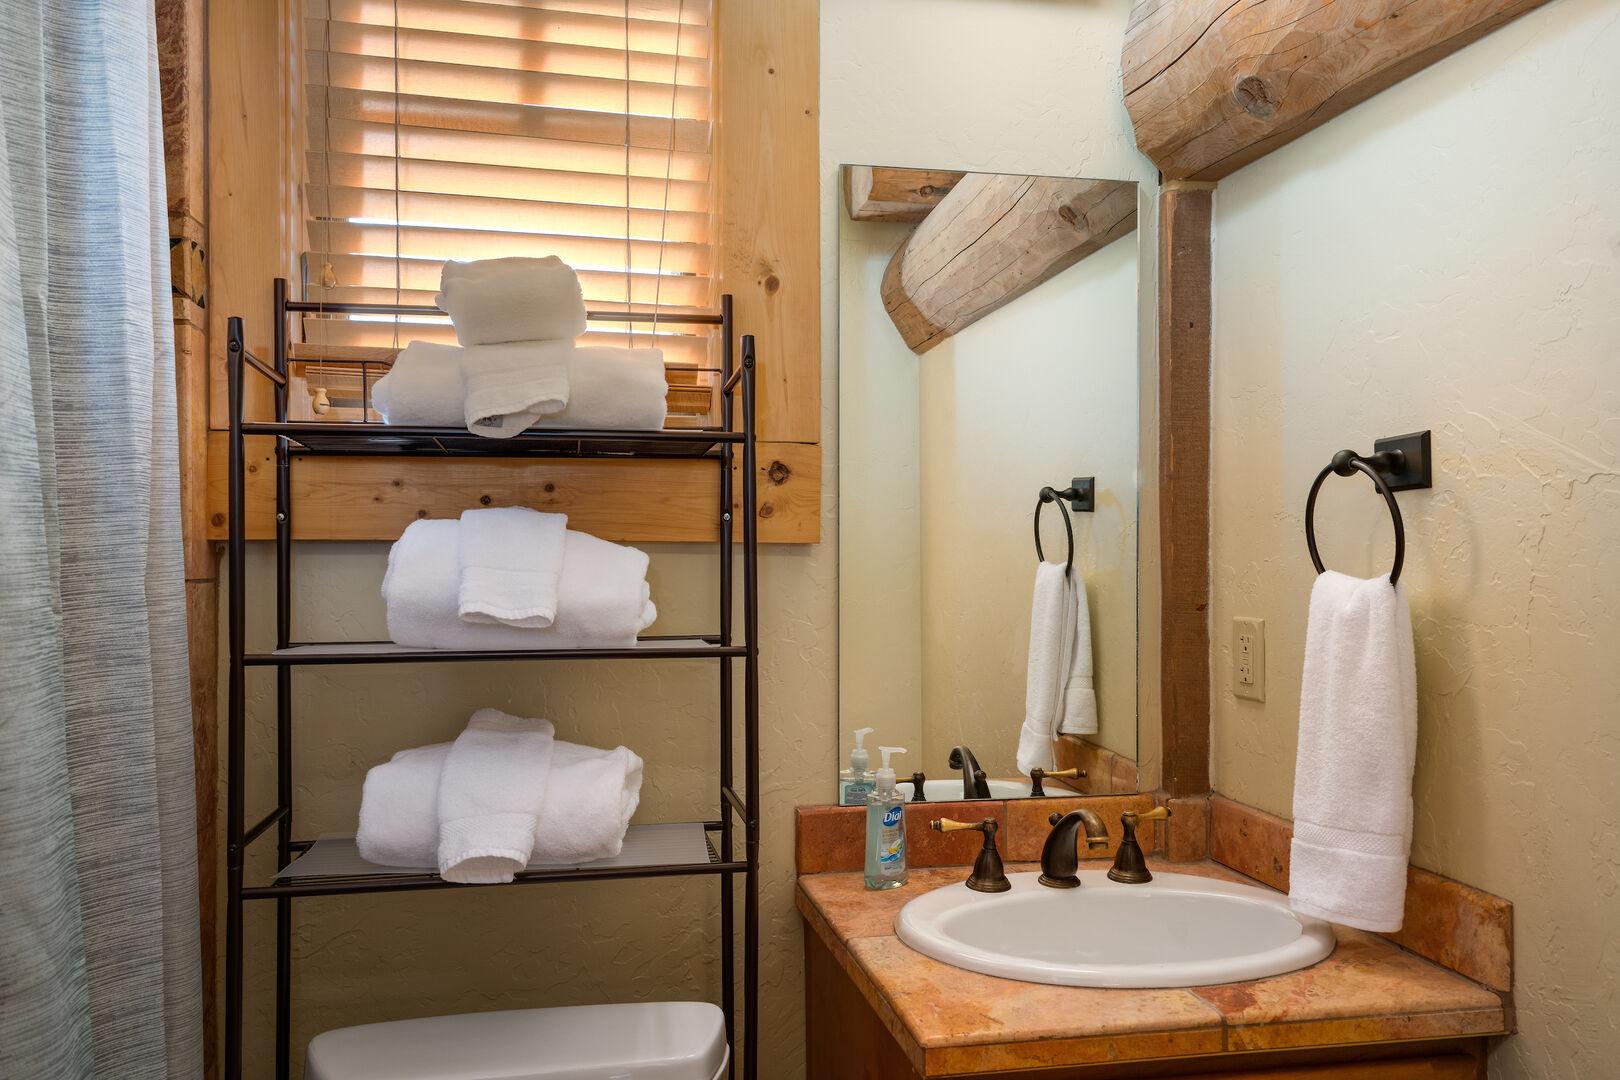 Upper level queen bedroom ensuite bathroom